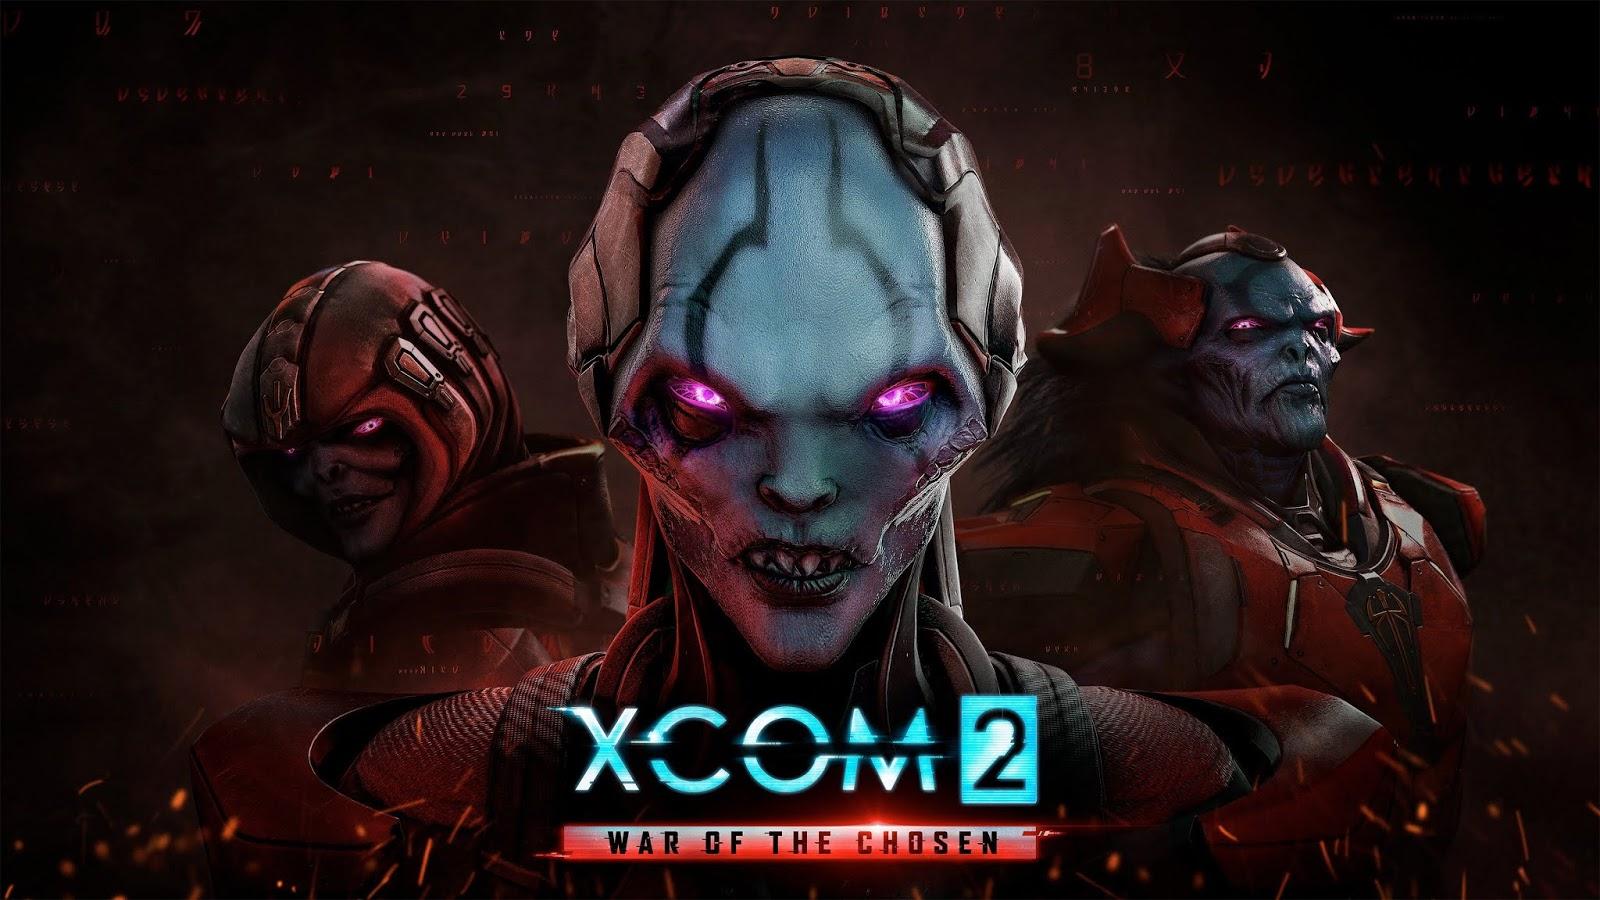 xcom-2-digital-deluxe-edition-online-multiplayer